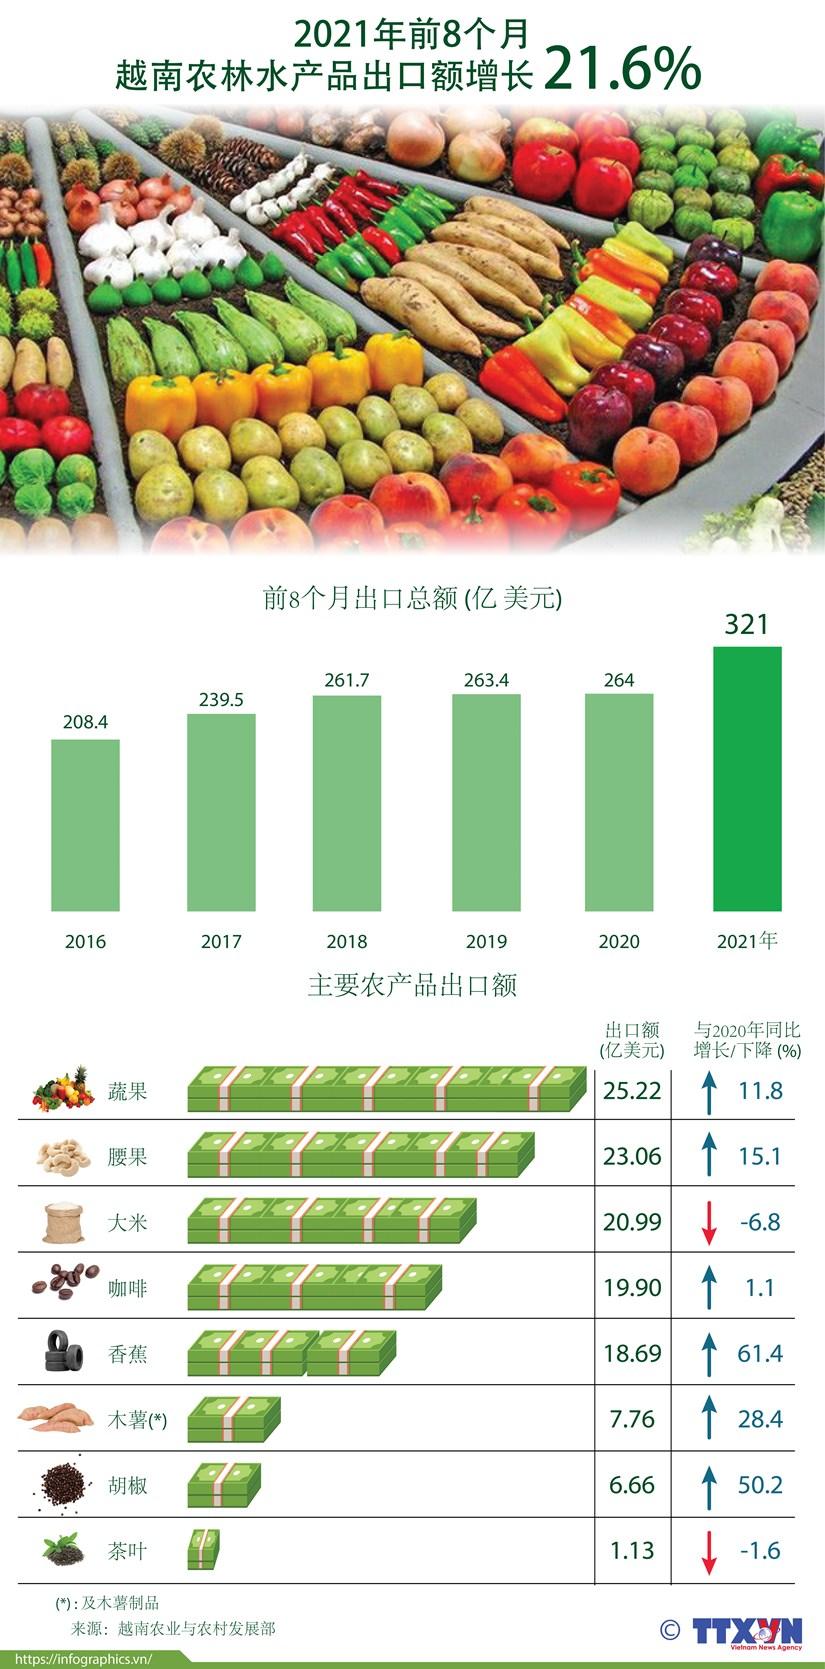 图表新闻:2021年前8个月越南农林水产品出口额增长21.6% hinh anh 1